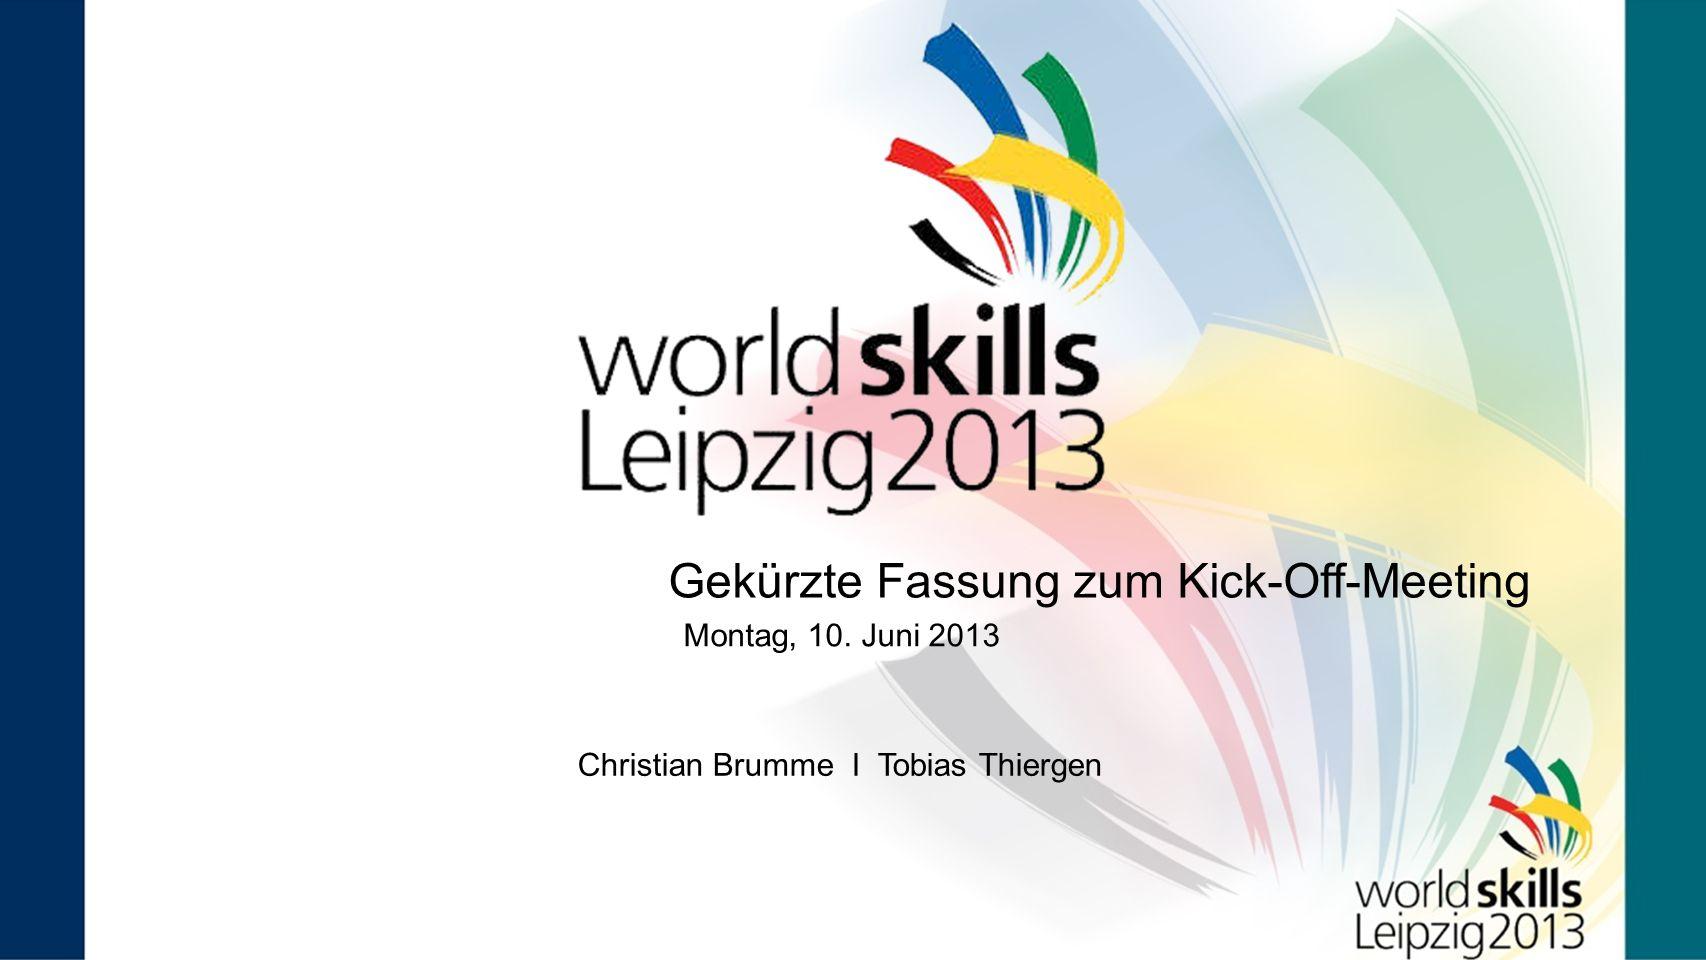 Gekürzte Fassung zum Kick-Off-Meeting Montag, 10. Juni 2013 Christian Brumme I Tobias Thiergen